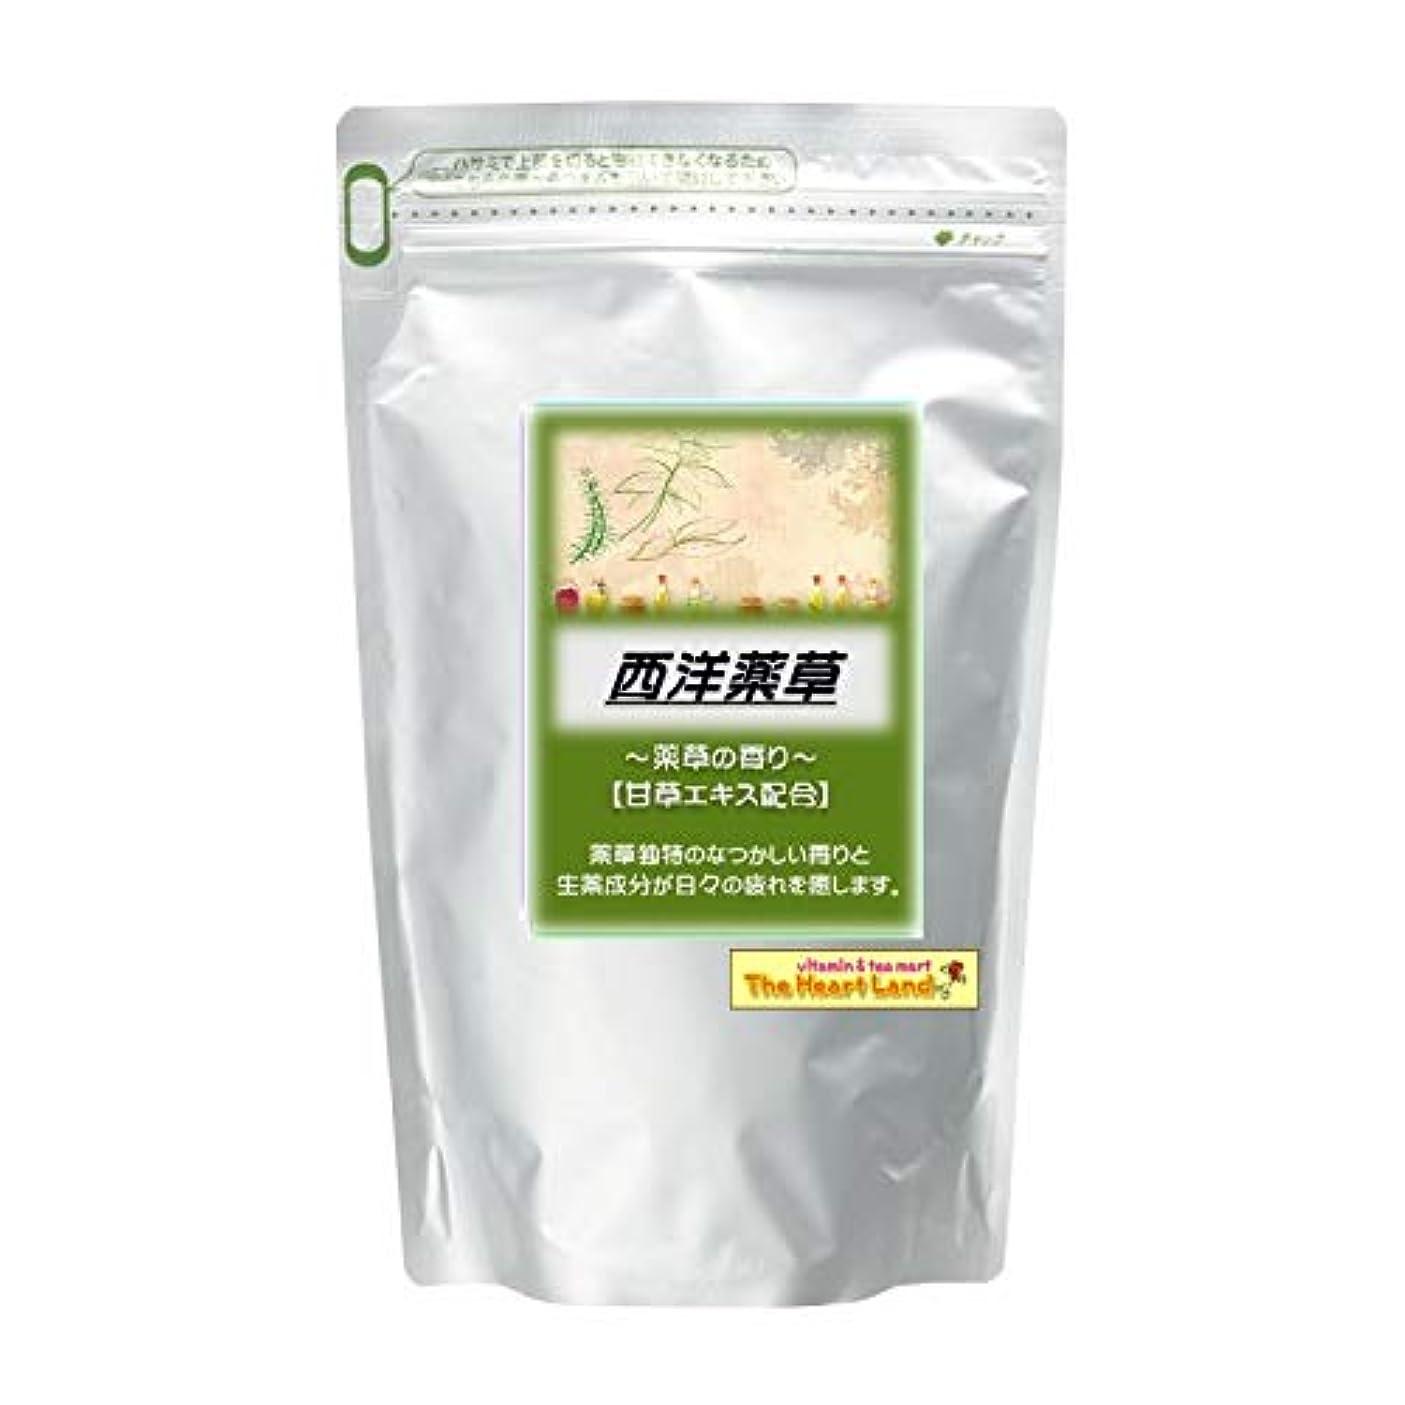 小学生備品真似るアサヒ入浴剤 浴用入浴化粧品 西洋薬草 300g